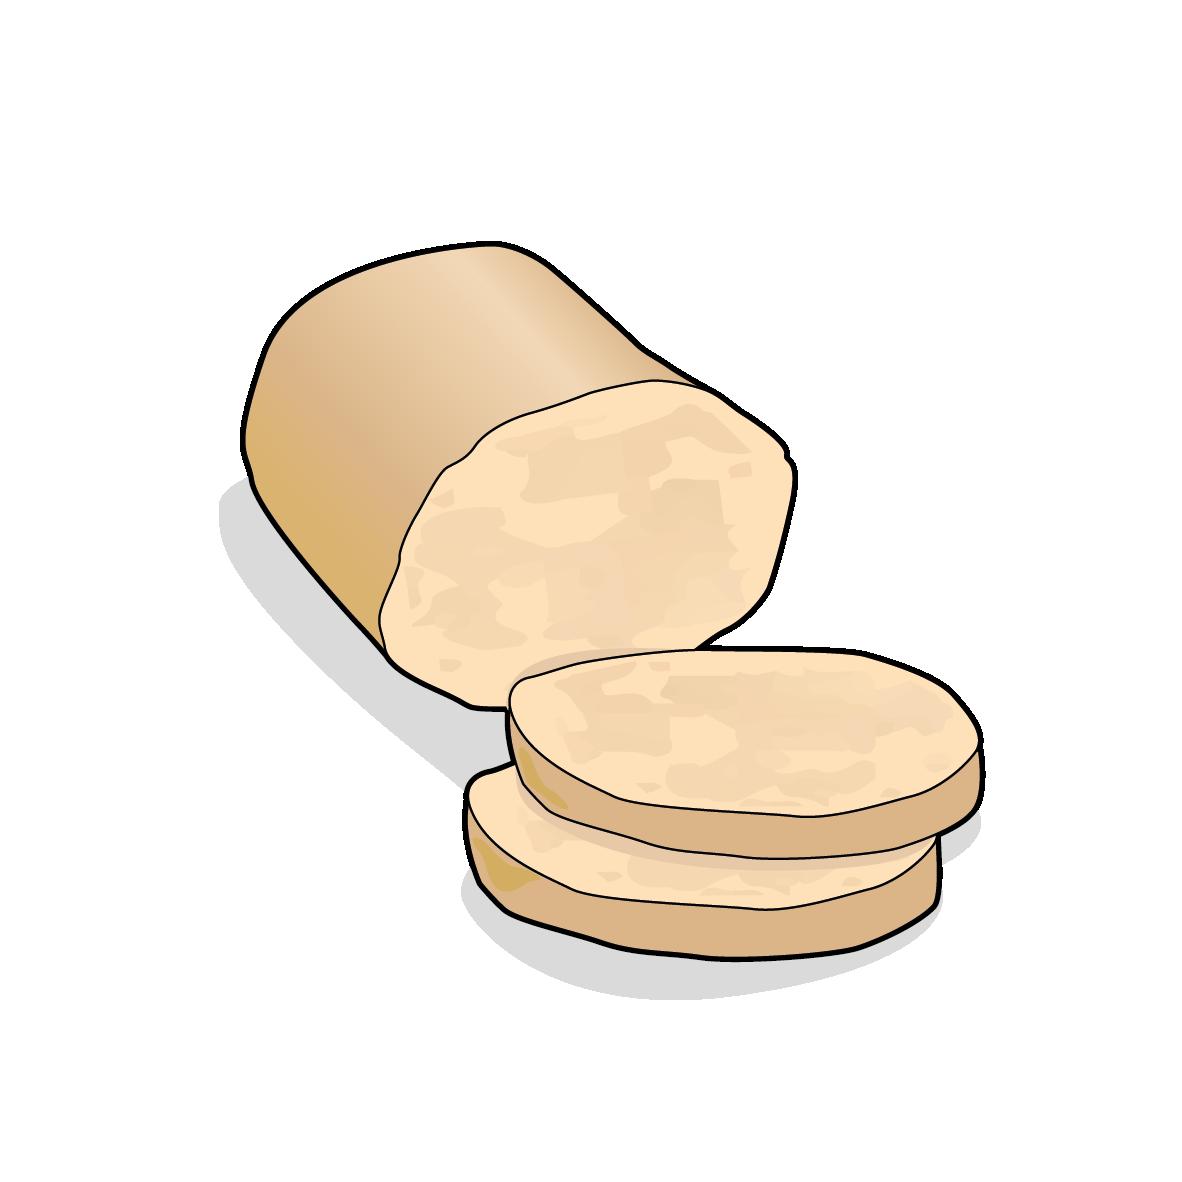 Icone de foie gras, ailmacocotte.com